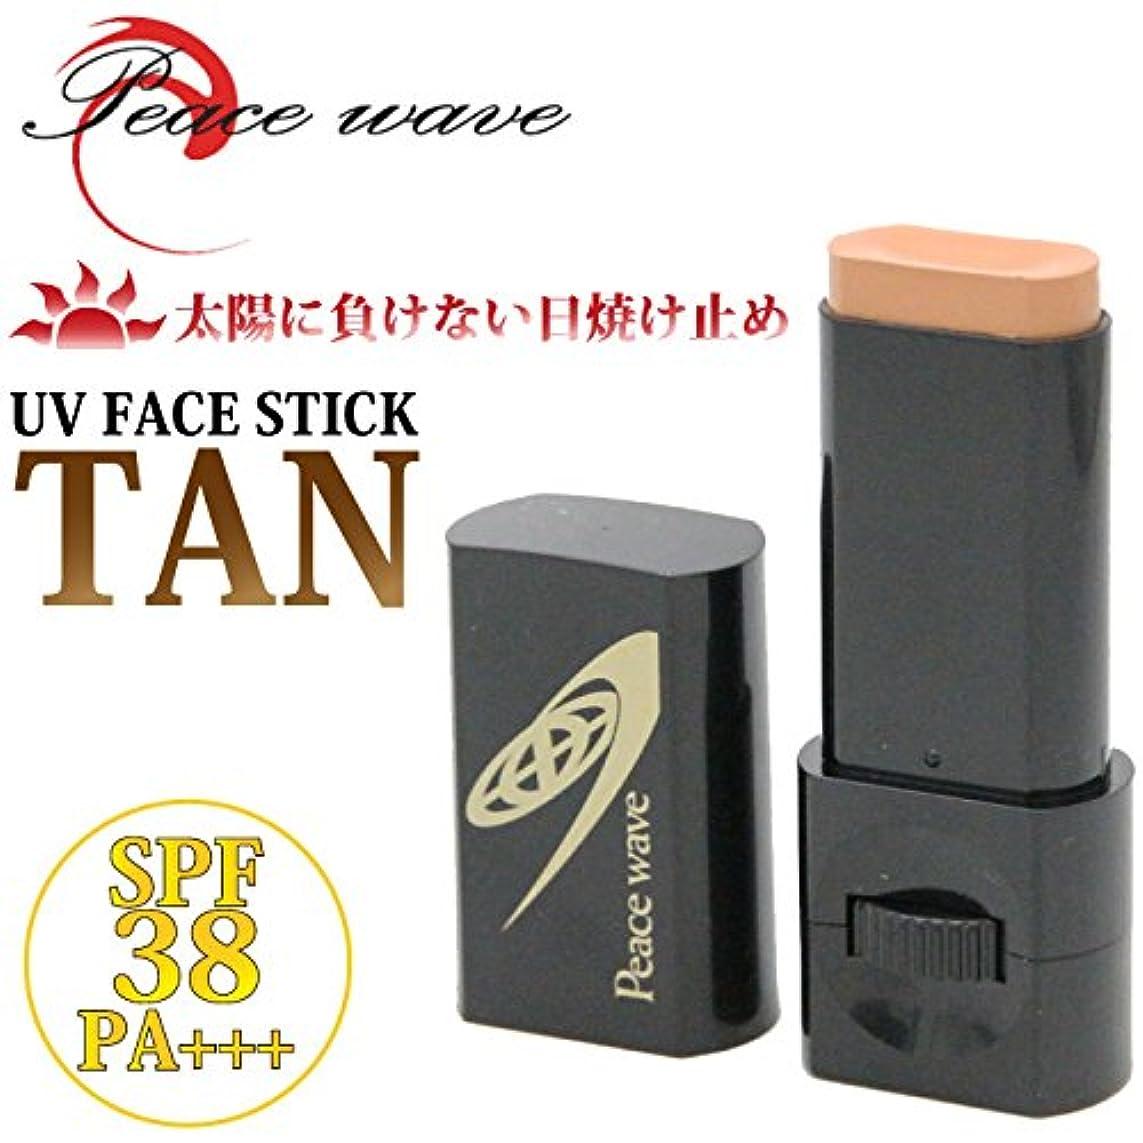 移民年金疾患PEACE WAVE(ピースウェーブ) 日焼け止め UV FACE STICK SPF38 フェイススティック タン